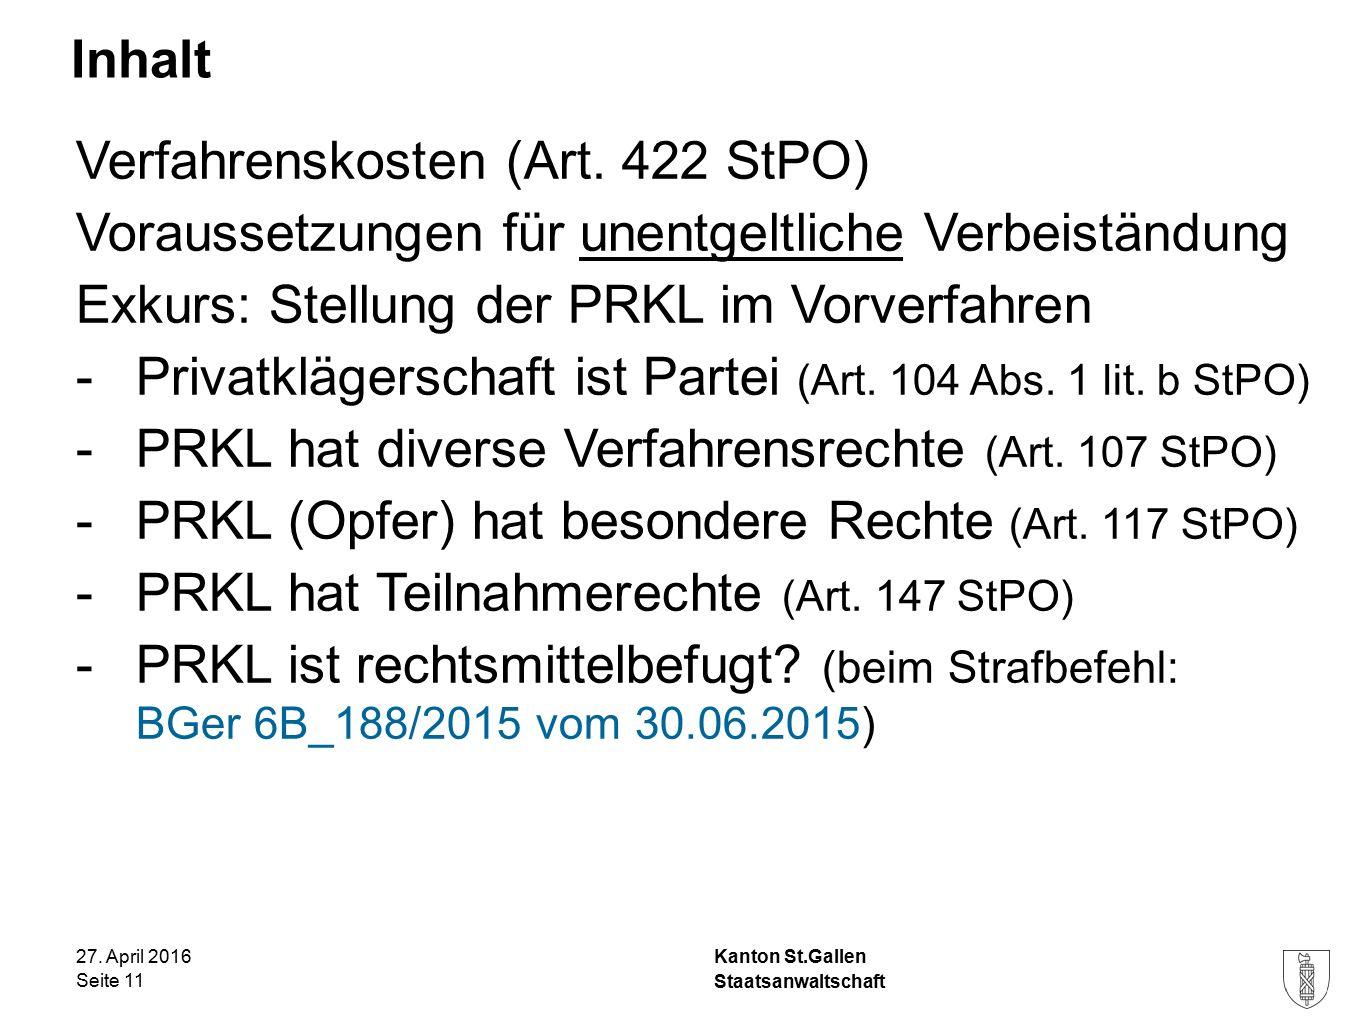 Kanton St.Gallen Inhalt 27. April 2016 Staatsanwaltschaft Seite 11 Verfahrenskosten (Art.